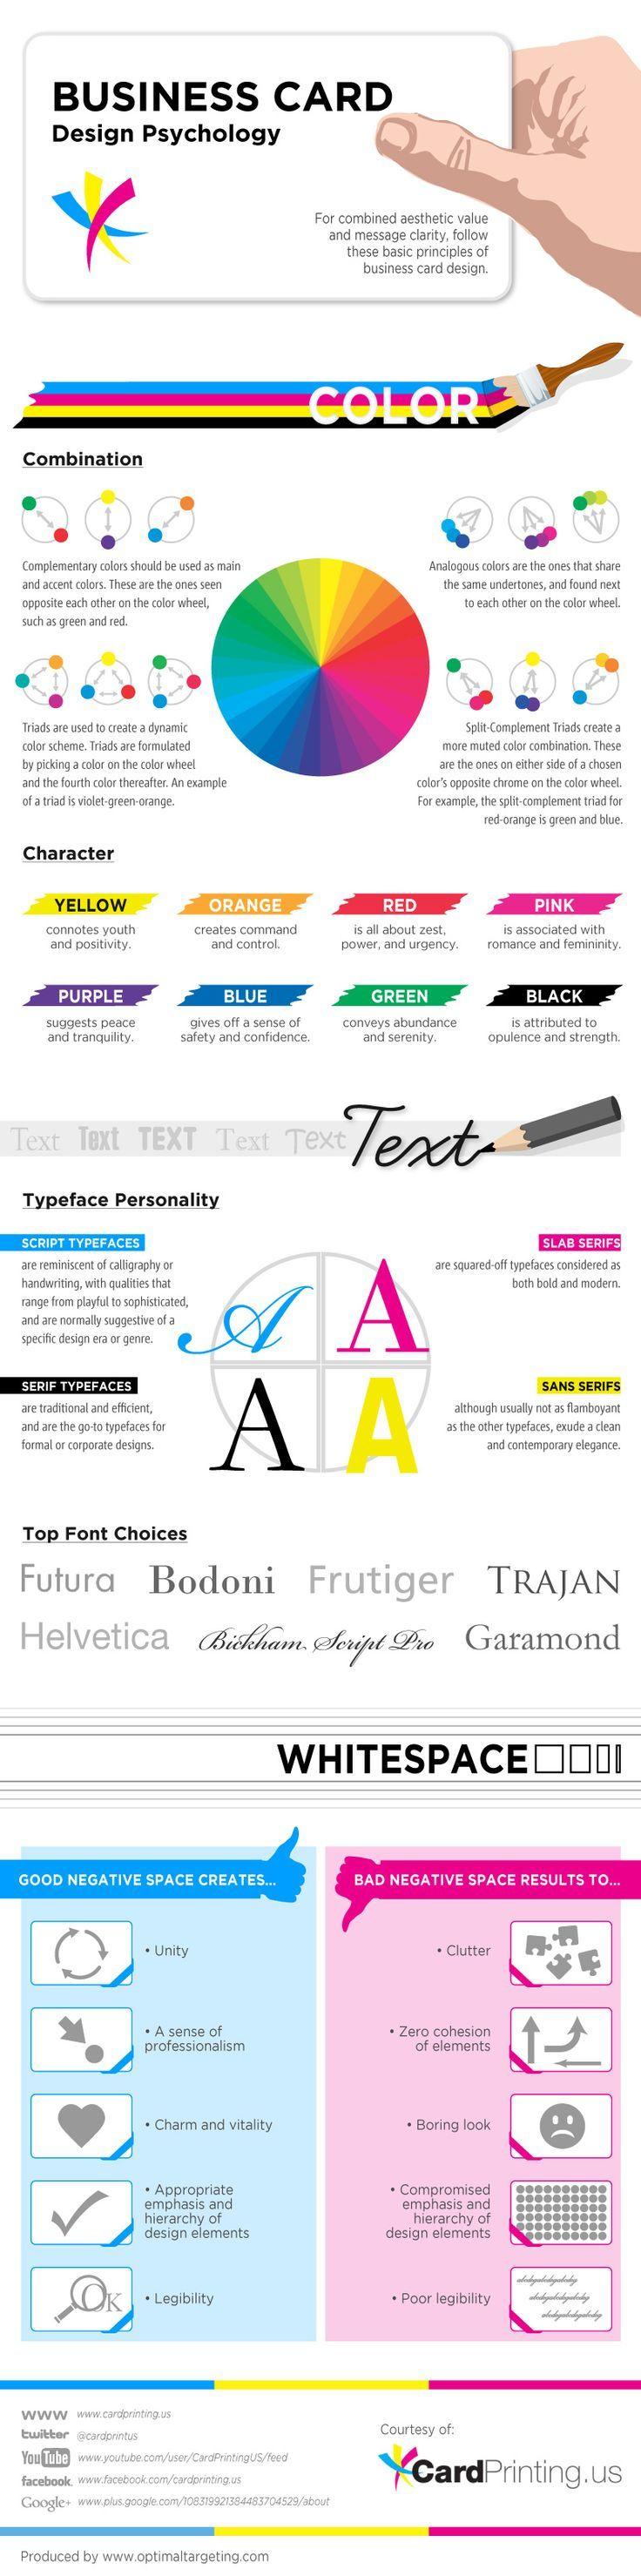 Business Card Design Psychology | Tips for designing business cards ...